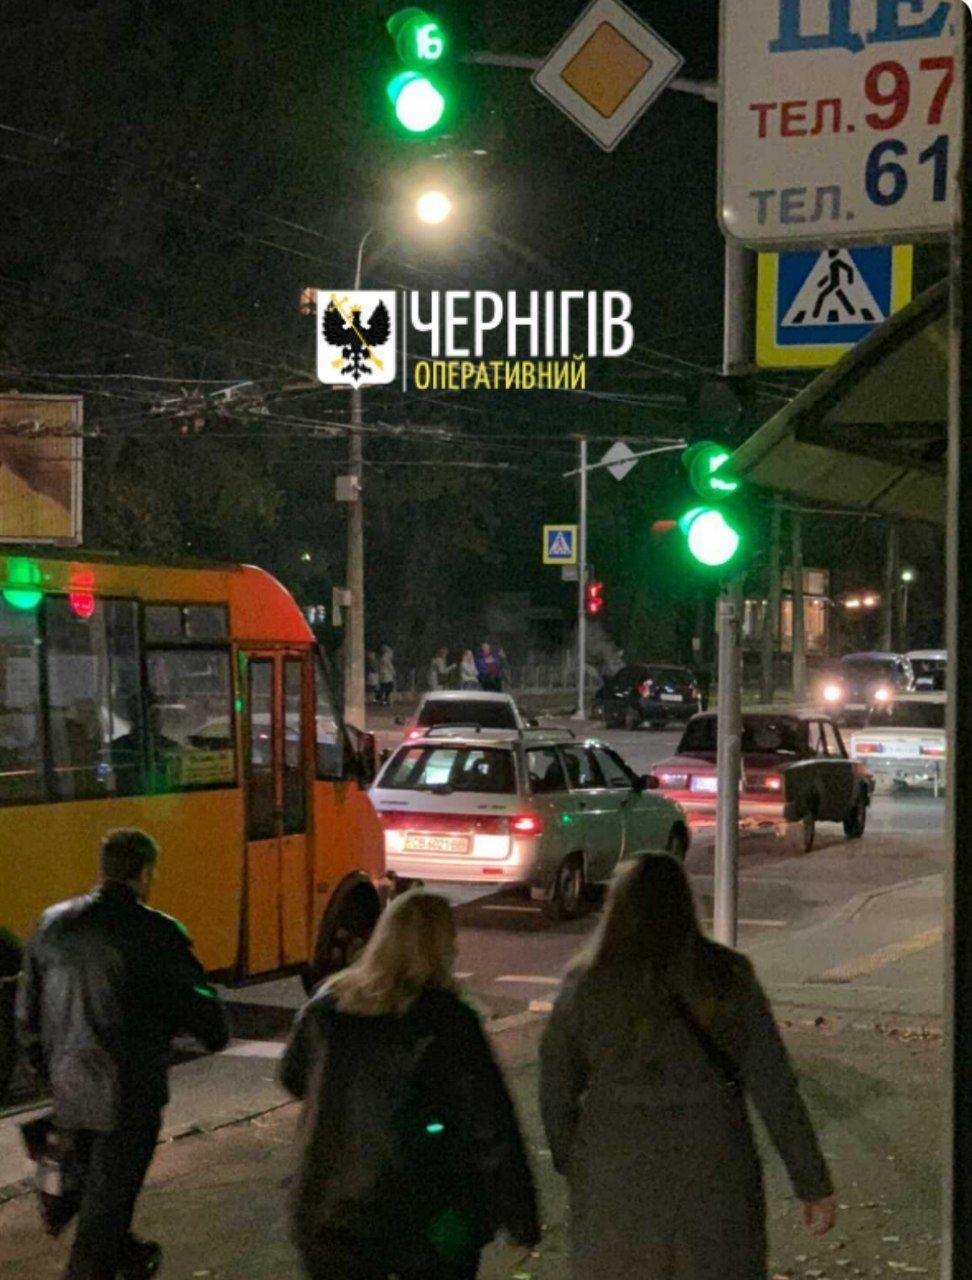 На перехресті вулиць Шевченка та Молодчого у Чернігові сталася аварія (Фото, відео)